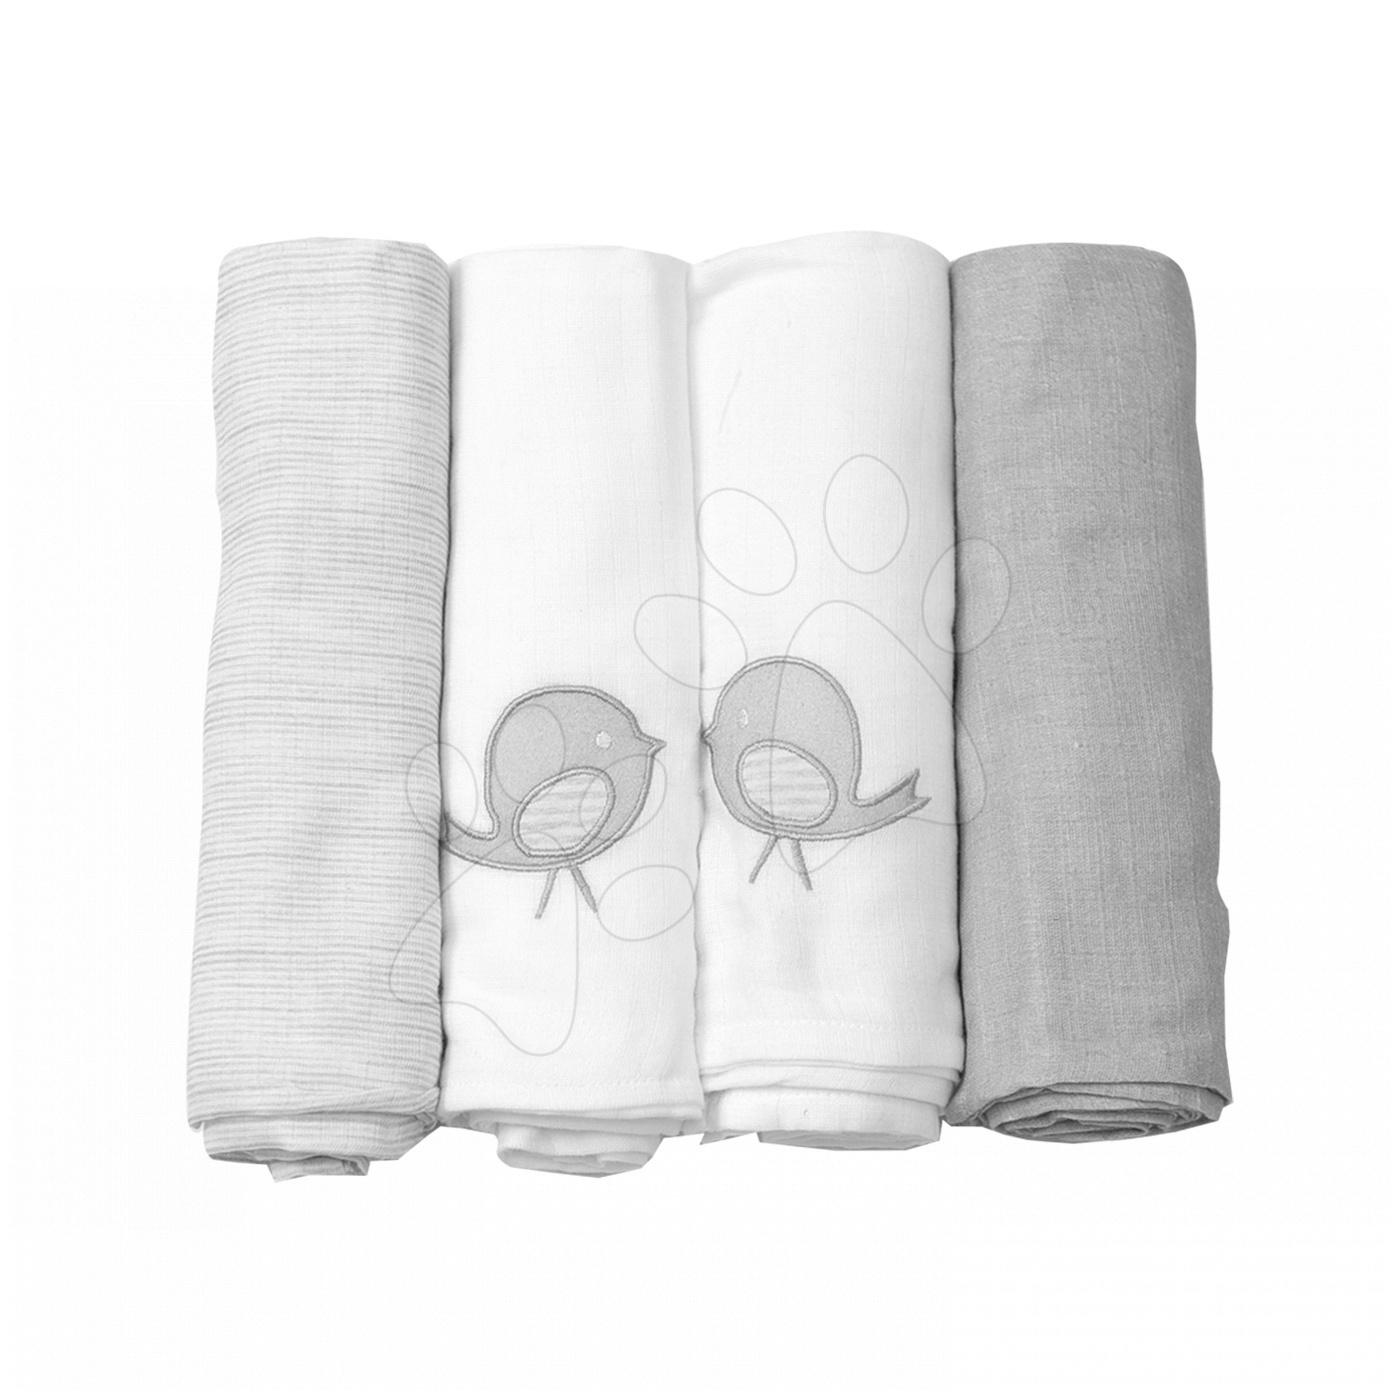 Bavlněné pleny toTs-smarTrike extra velikost 4 kusy 100% přírodní bavlna šedé od 0 měsíců